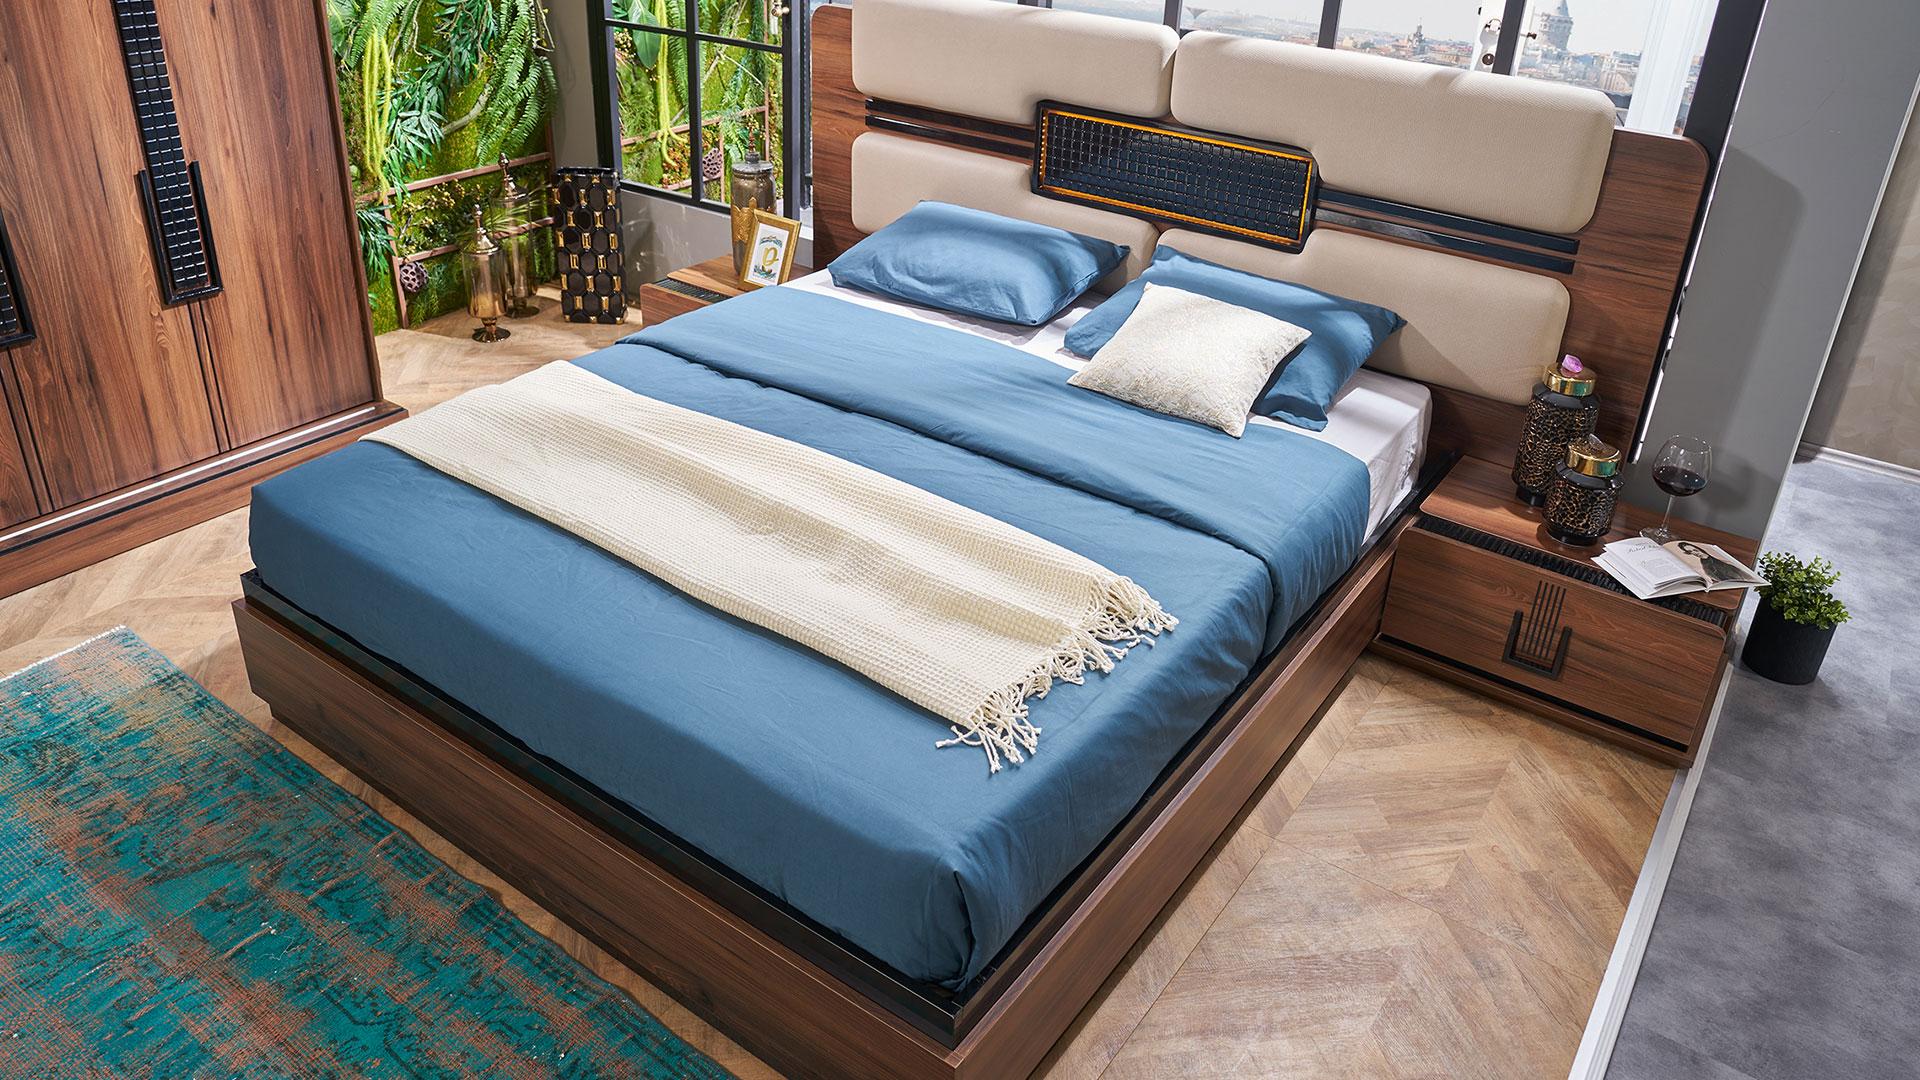 سرير مودرن باللون الابيض و الازرق